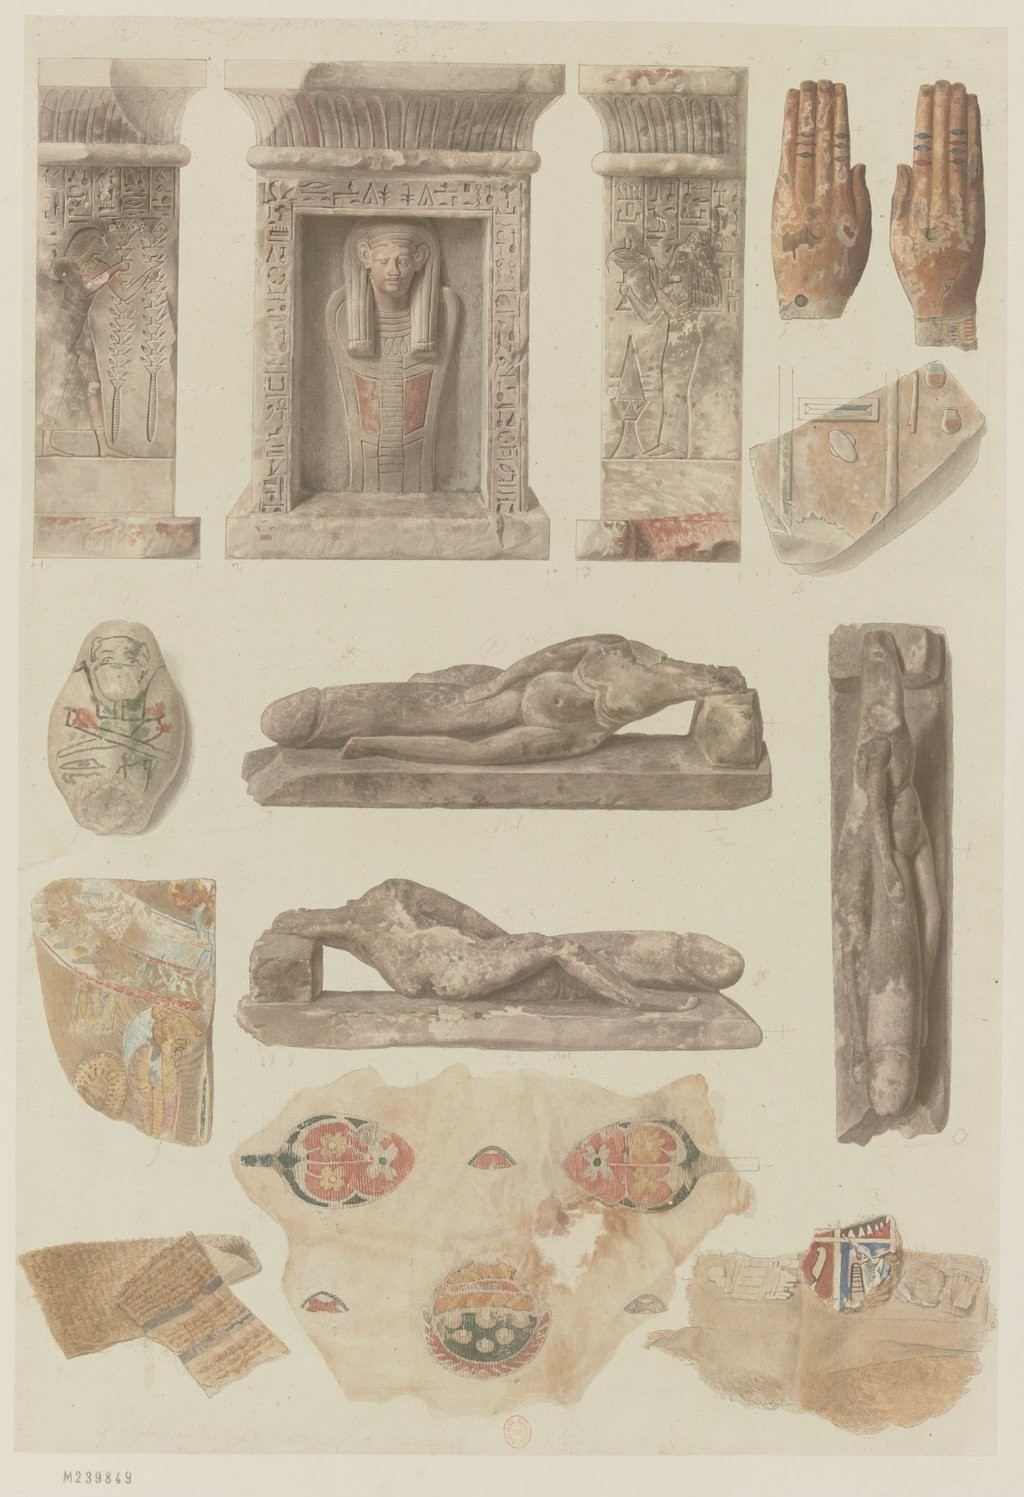 Античная коллекция. Различные фрагменты и кусочки ткани